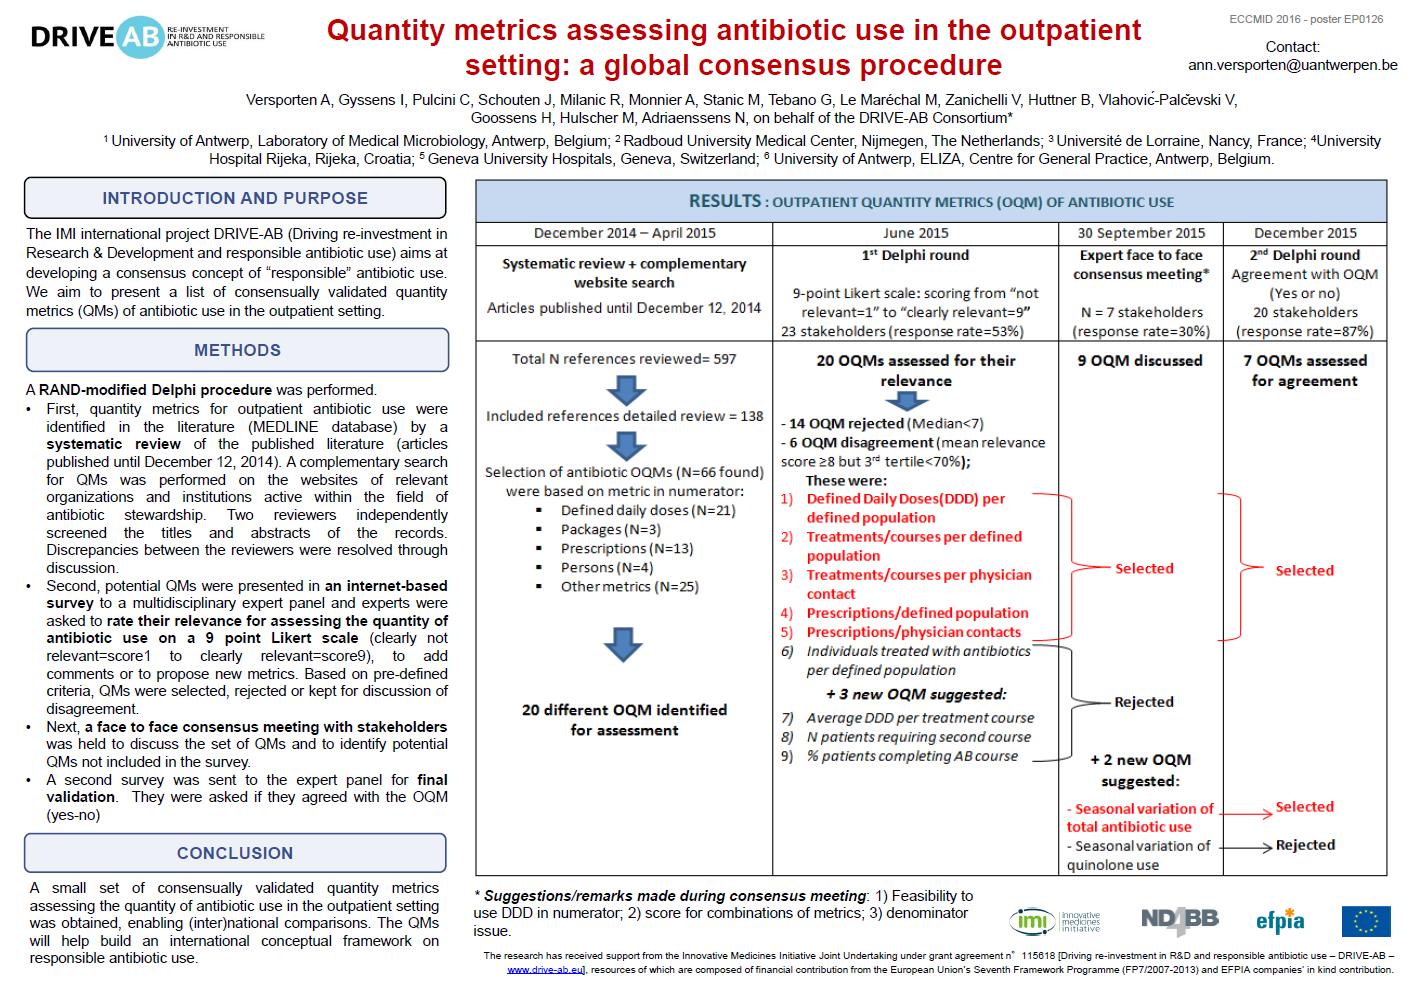 poster quantity metrics outpatient